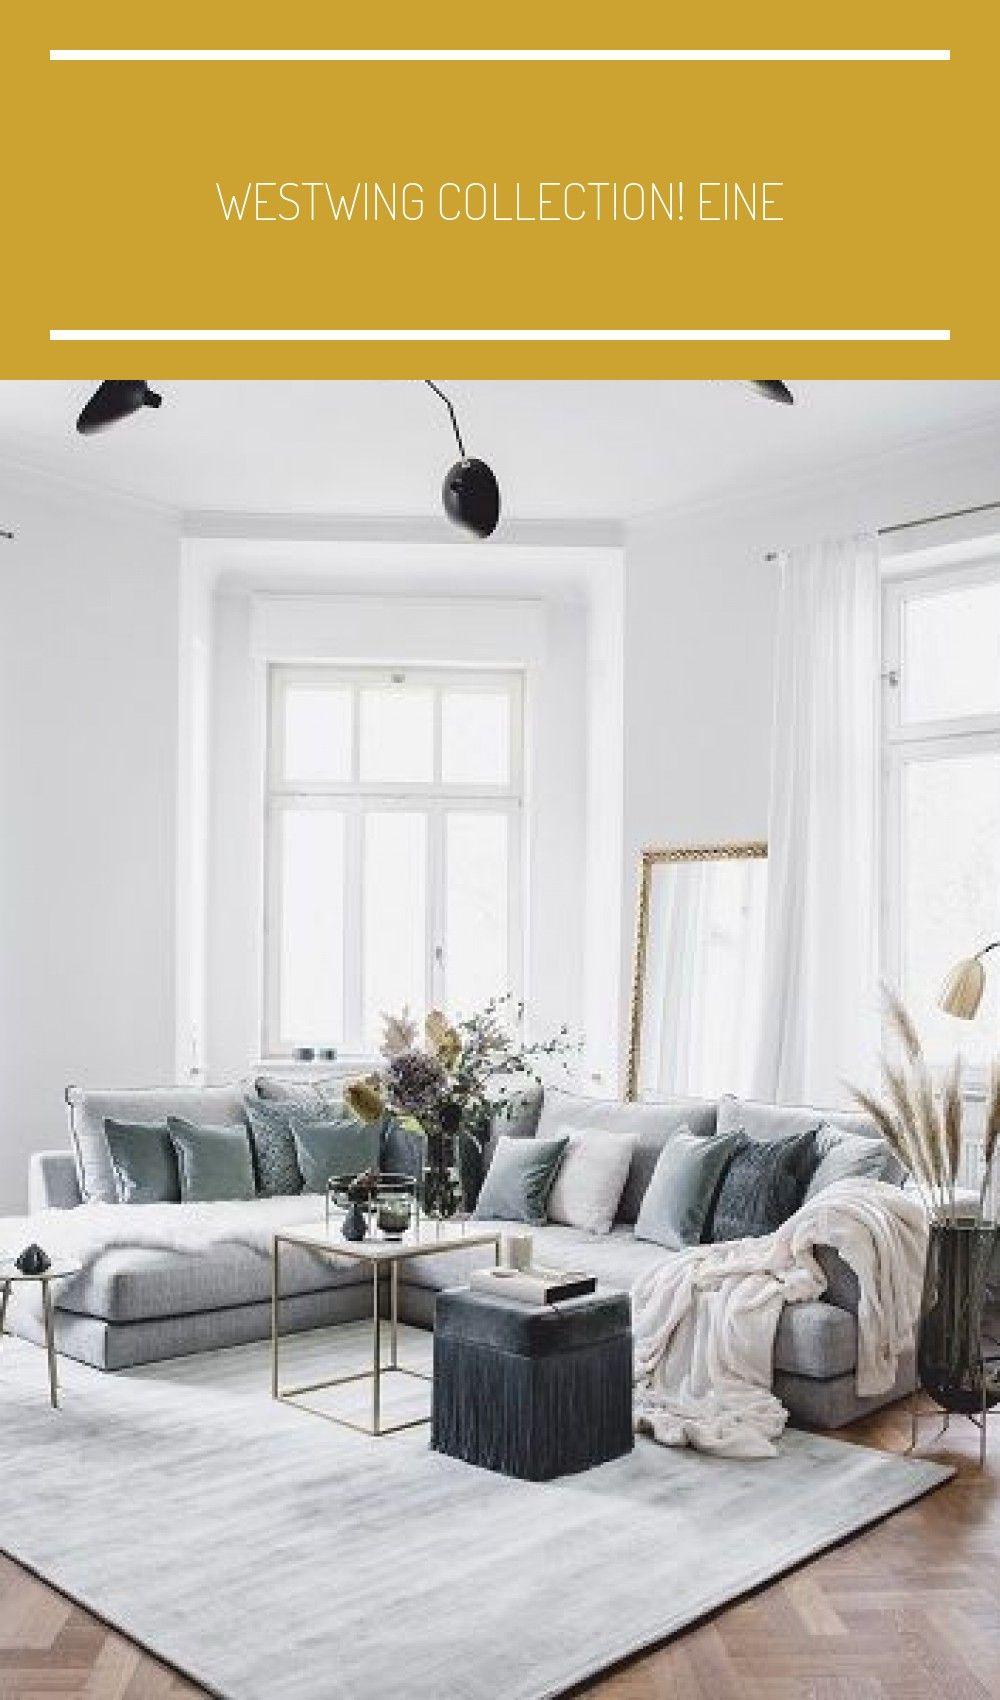 Westwing Collection Eine Eigene Interior Kollektion Zu Kreieren War Seit Der Gründung Von Westwing Un Wohnung Wohnzimmer Altbau Wohnzimmer Teppich Wohnzimmer